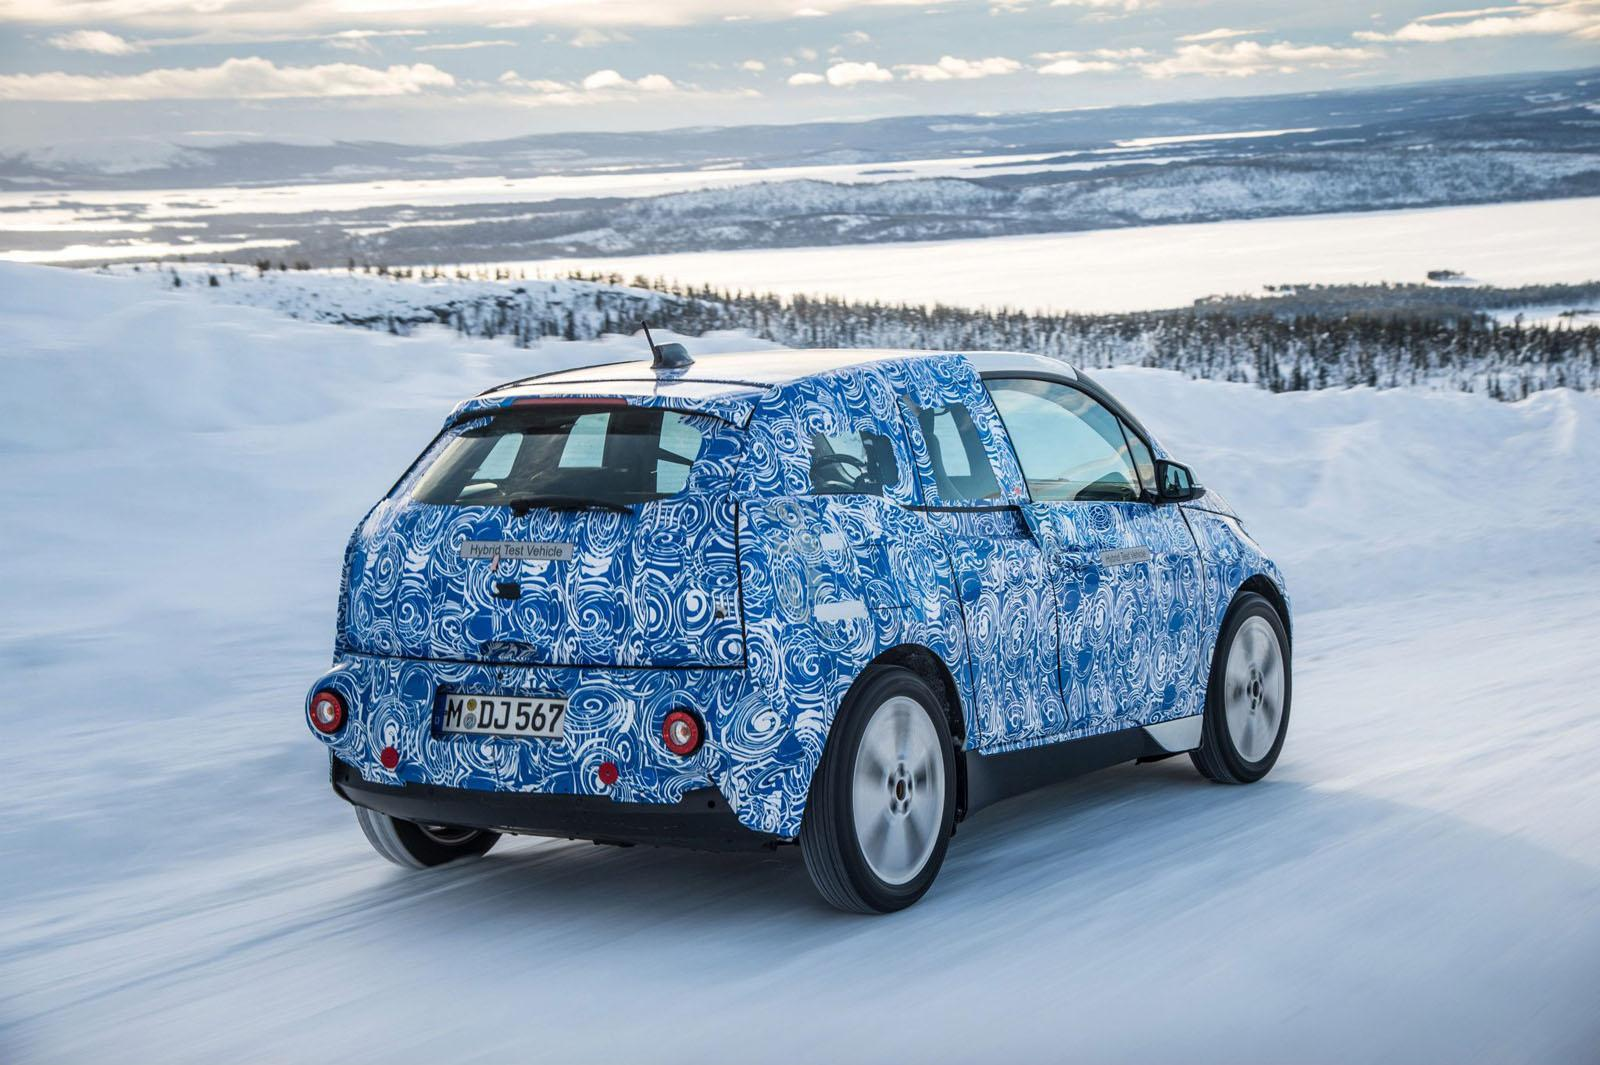 Foto de BMW i3, fotografías en el Círculo polar ártico (5/5)